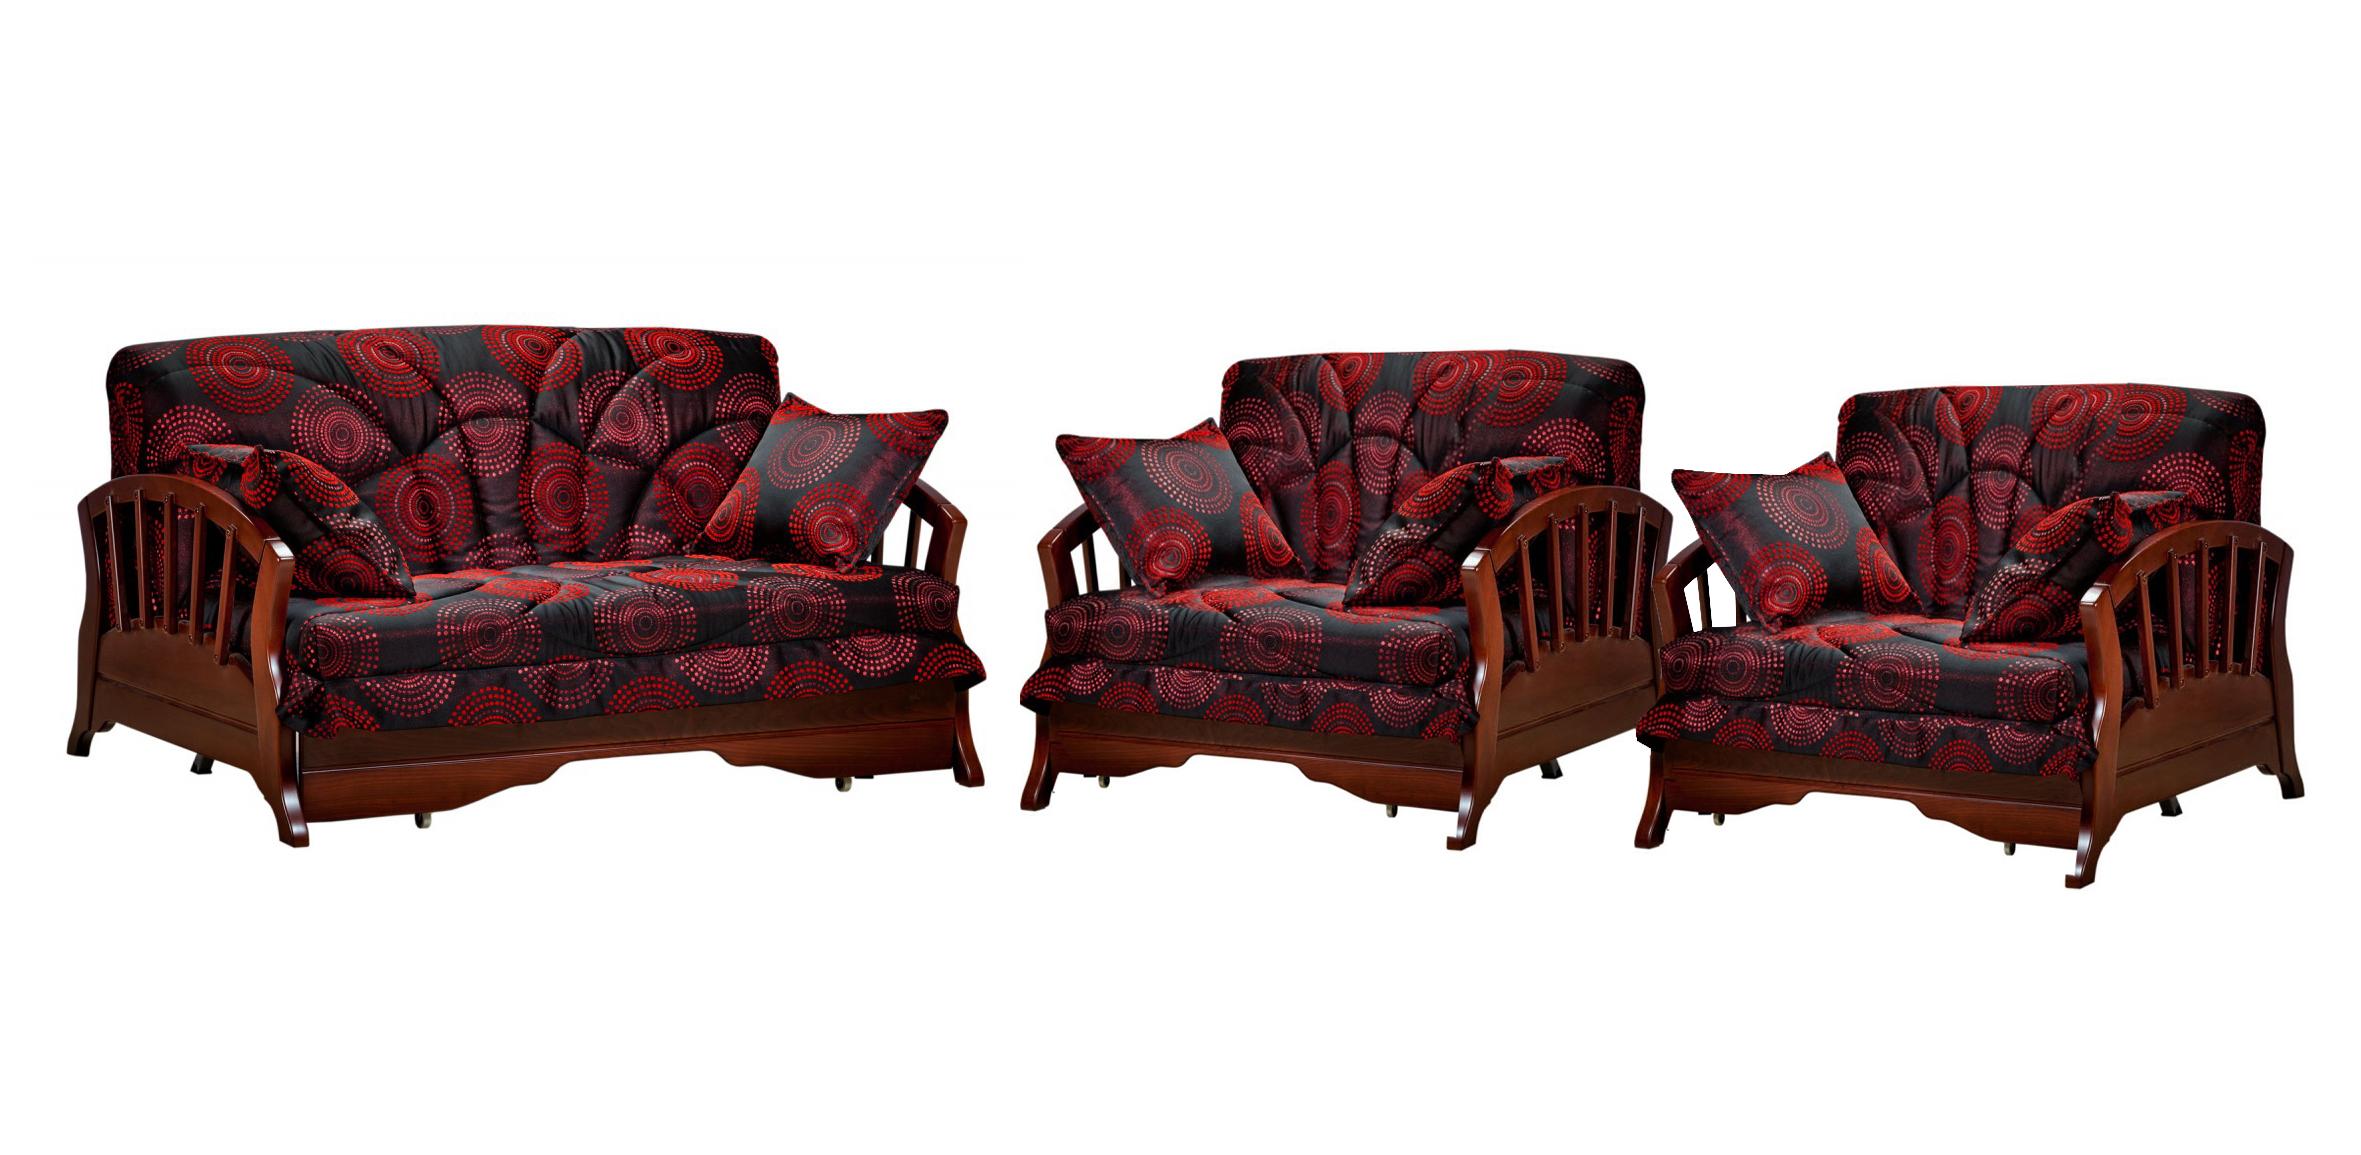 Комплект мягкой мебели Канопус с деревянными подлокотниками